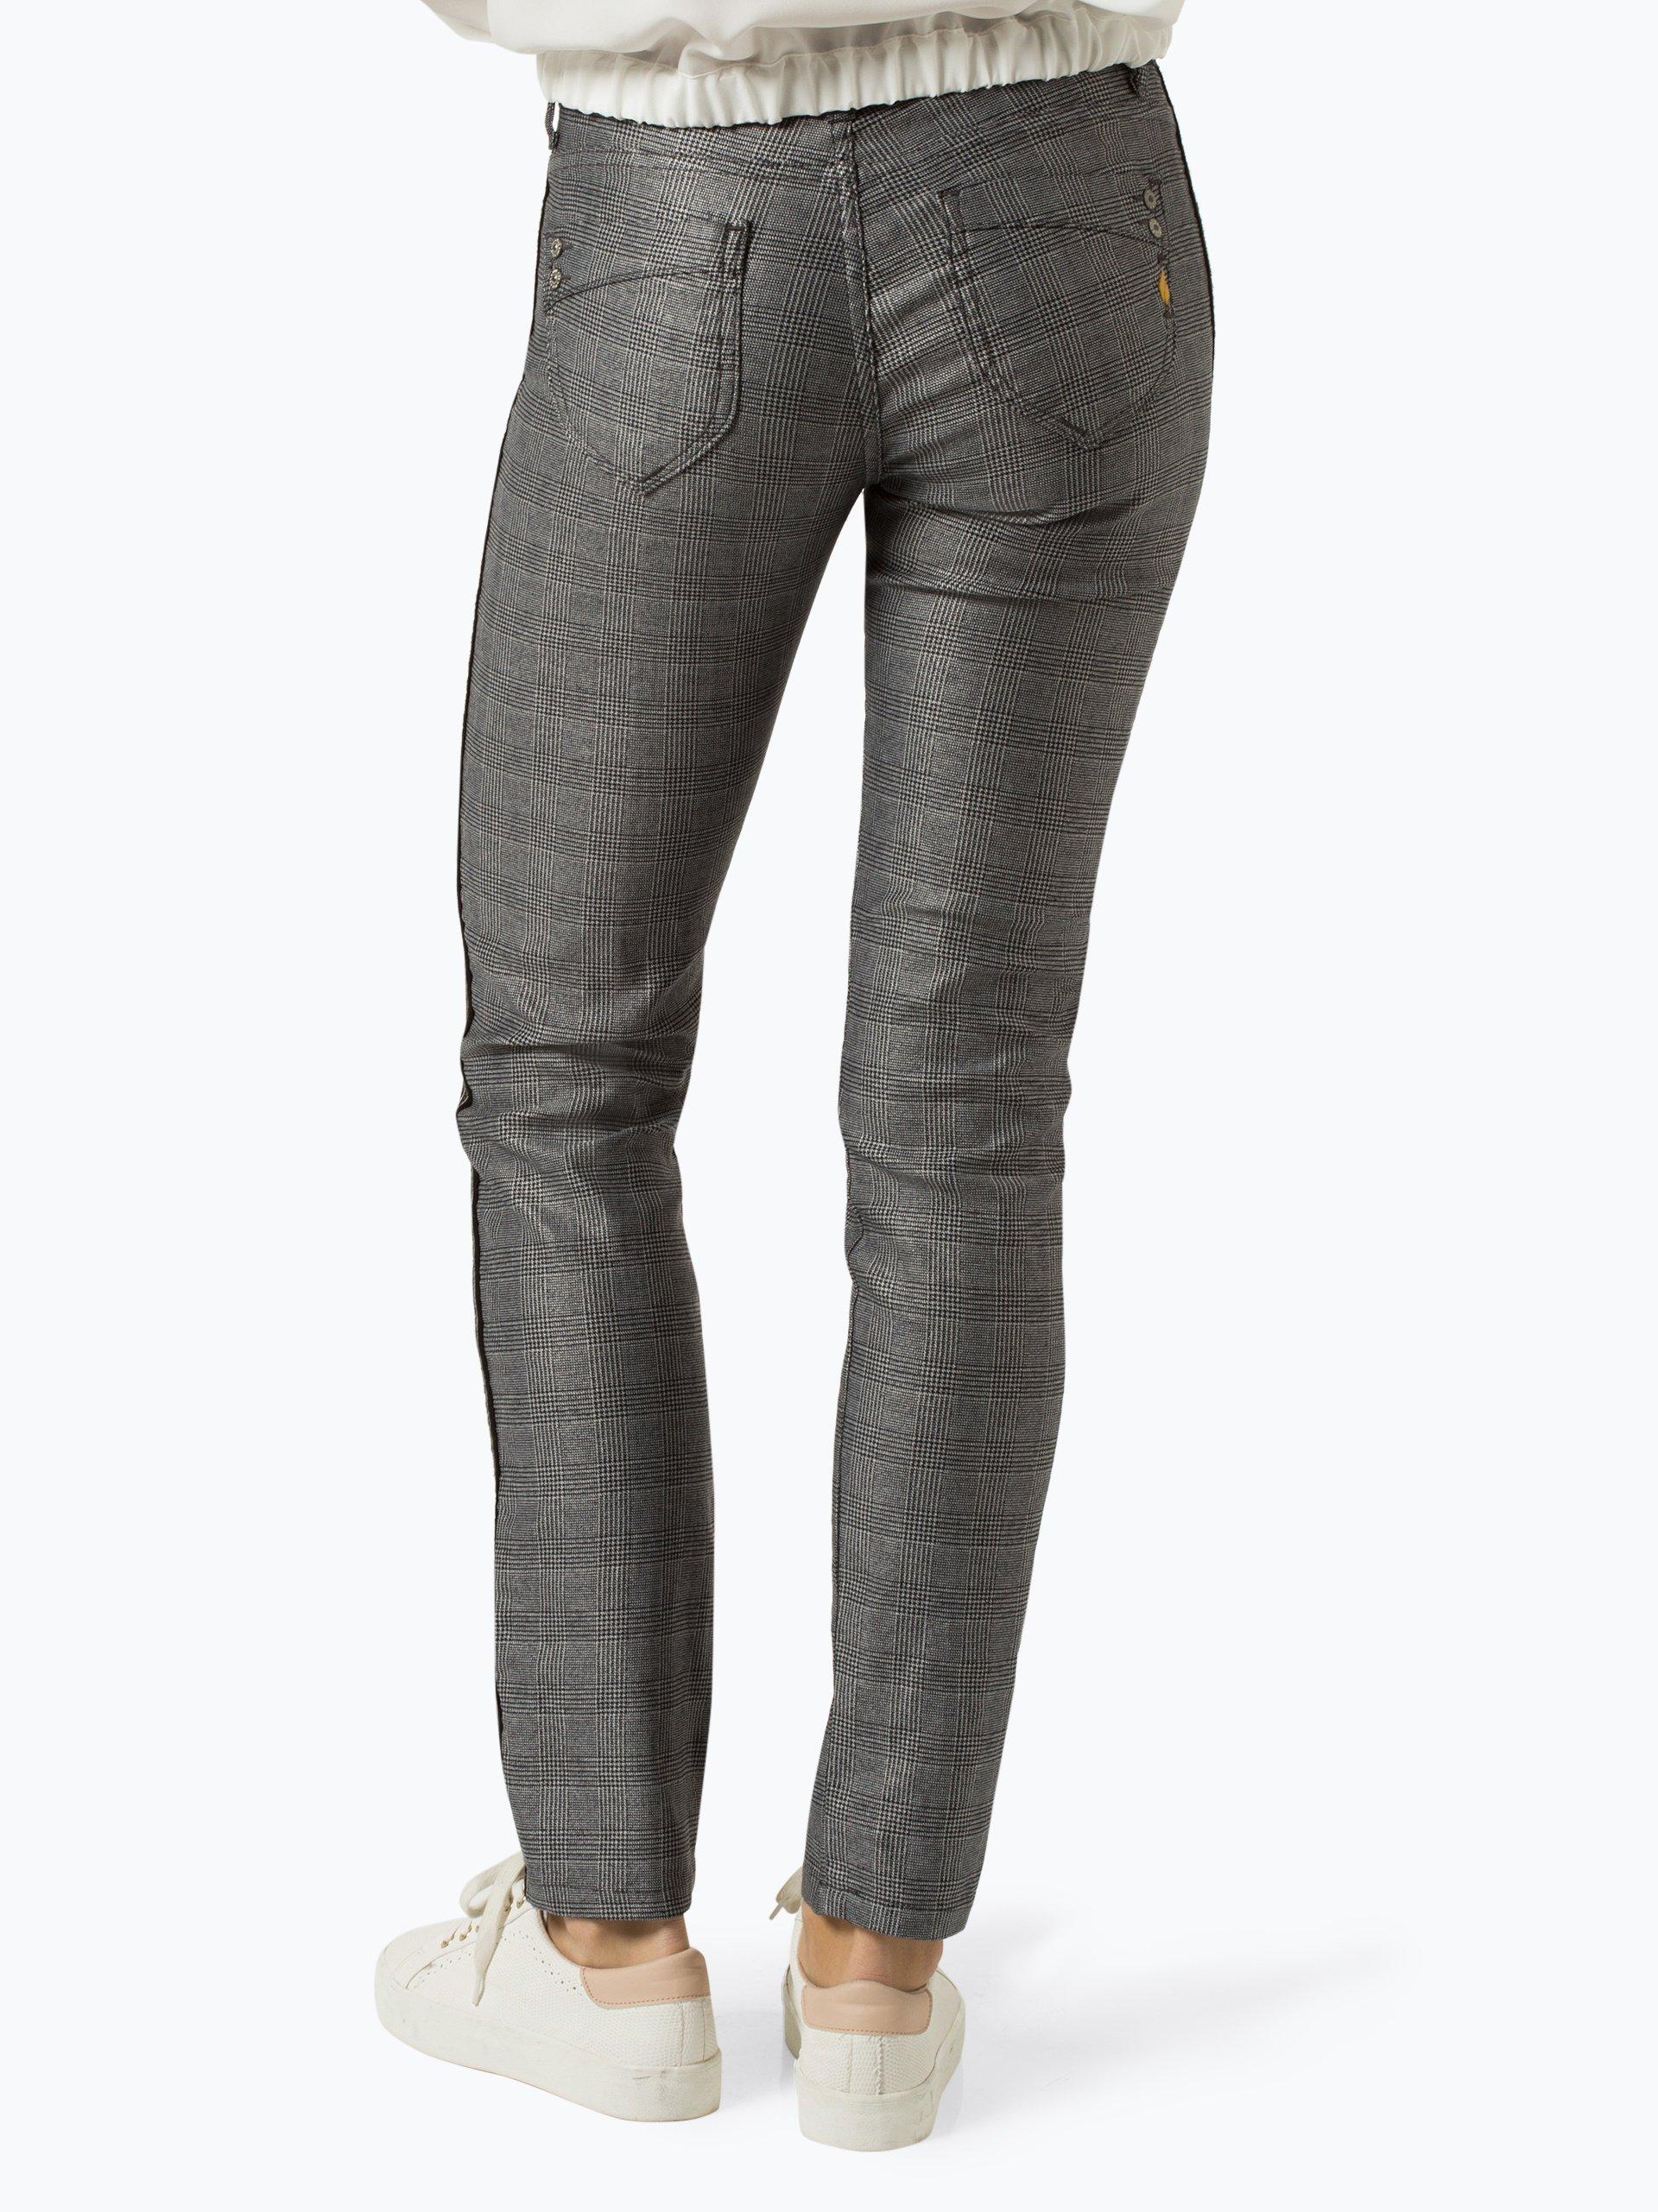 Blue Fire Spodnie damskie